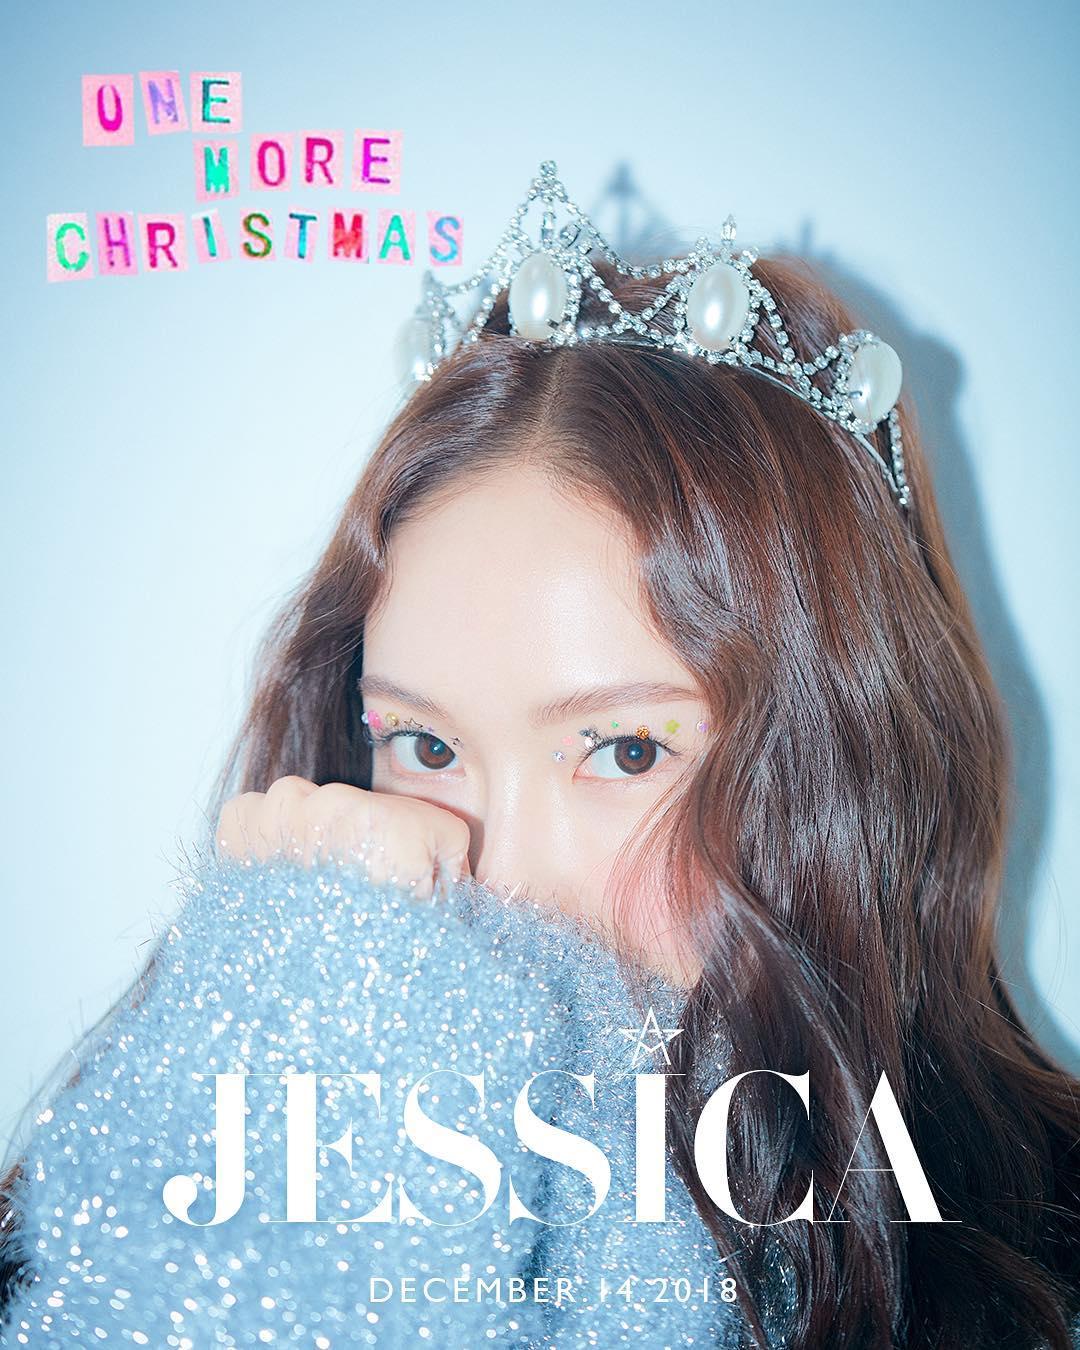 即將在12/14發行聖誕單曲的JESSICA昨日在IG上更新了一段限時,內容就是有人比我們搶先了一步聽到了她的新歌《One More Christmas》啦!到底是誰有這種特權~~~